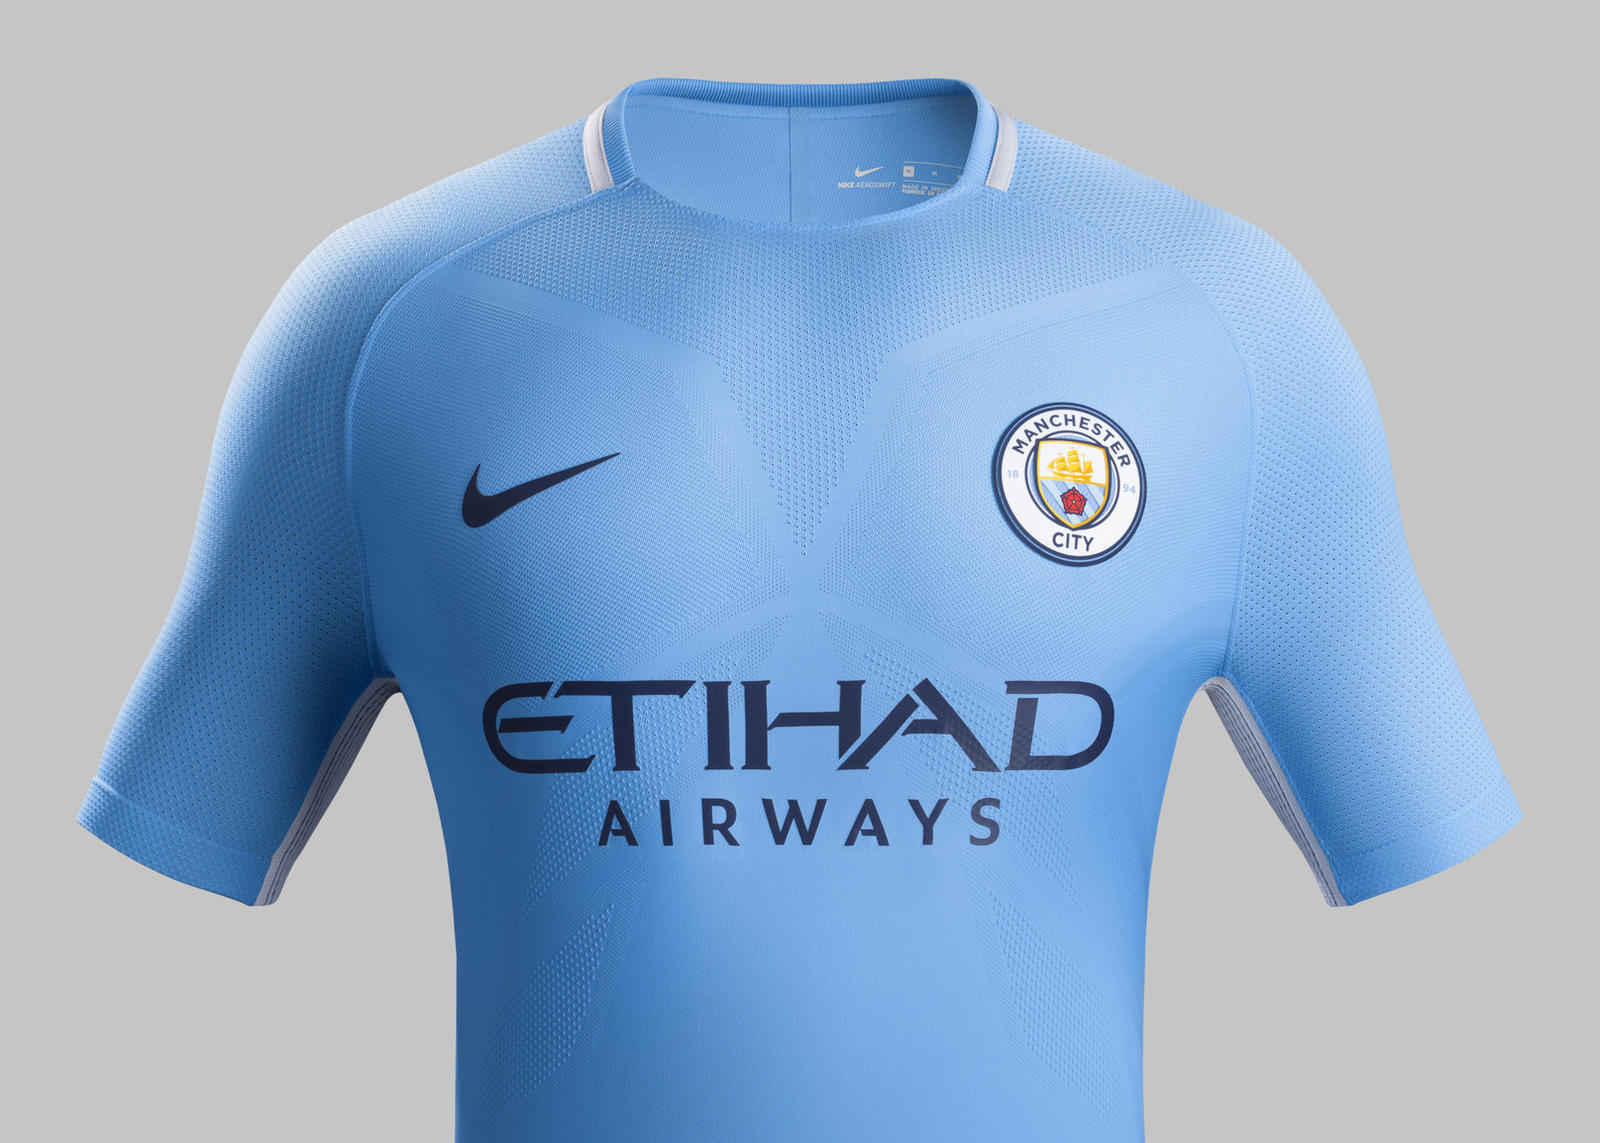 Manchester City Home Kit 2017-18 57d9737ece5b